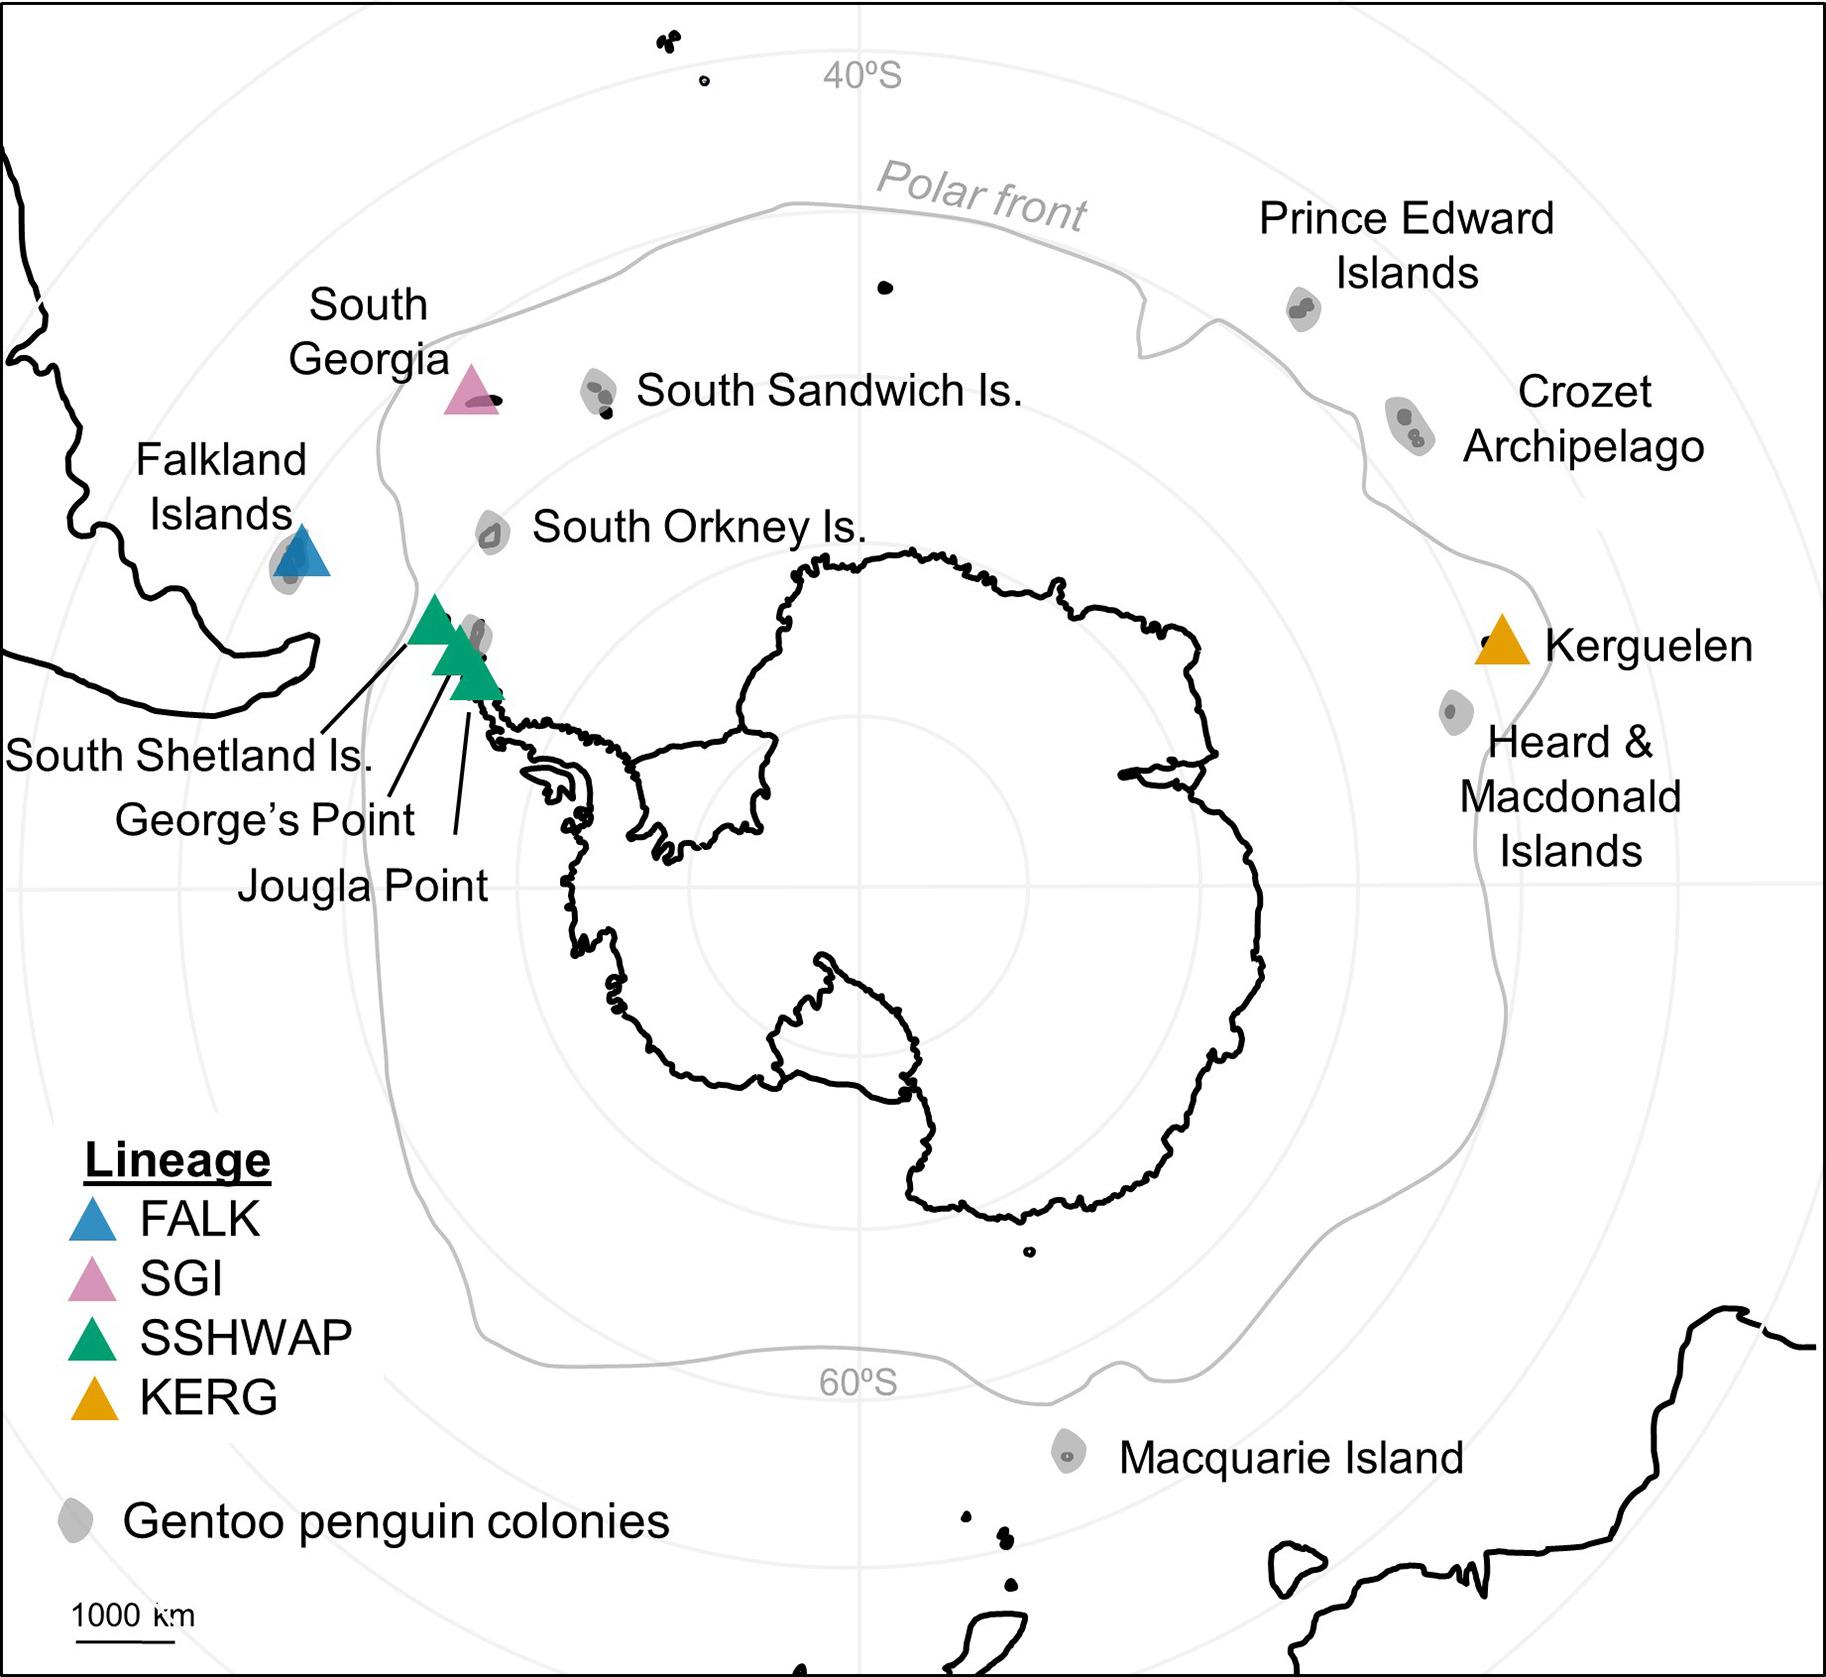 ジェンツーペンギンの生息地域。灰色の領域は既知の生息地。色付き三角が今回調査されたコロニーを示す。